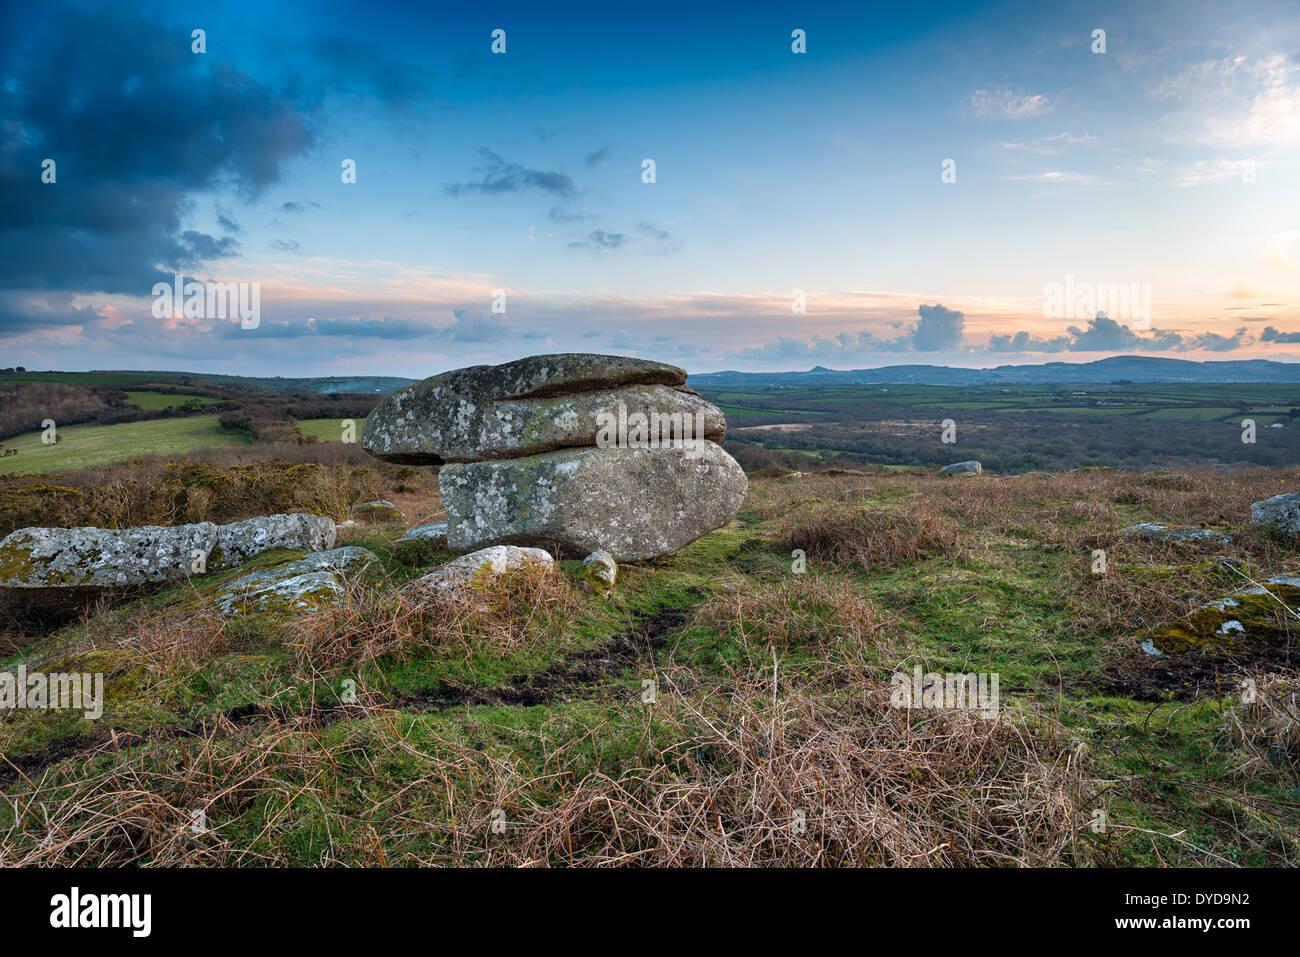 Verwitterter Granit Felsformation auf Helman Tor ein Naturschutzgebiet auf dem Heiligen Weg Langstrecken-Wanderweg in der Nähe von Bodmin in Cornwall Stockbild